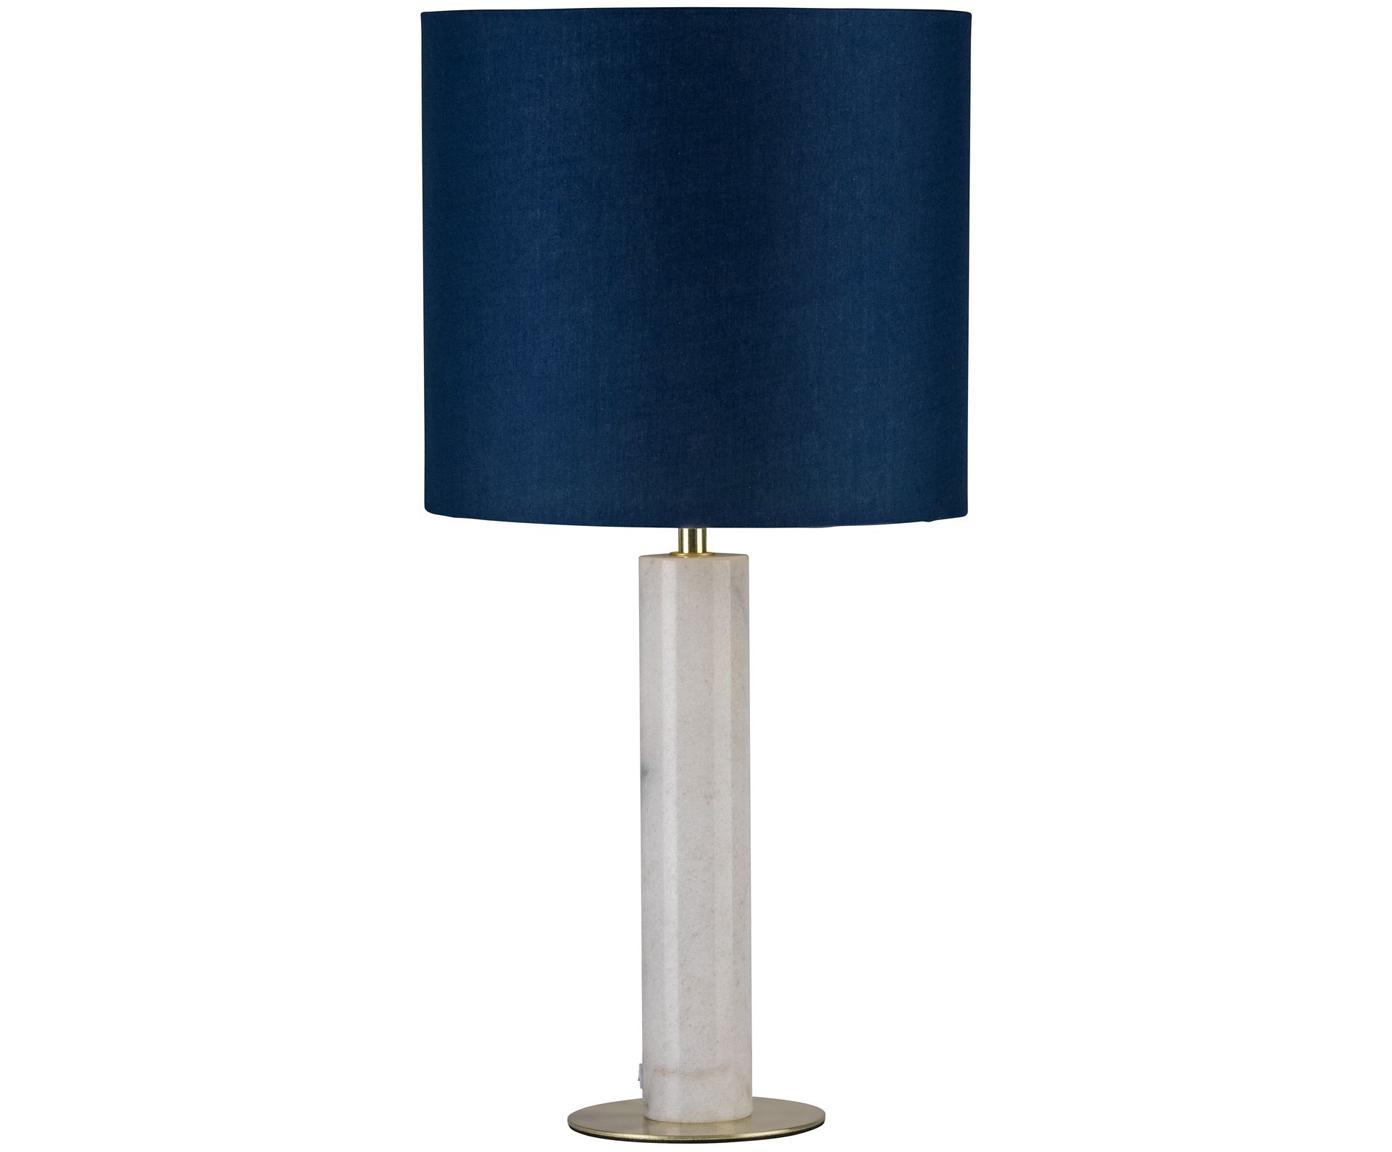 Marmeren tafellamp Olar, Lampenkap: polyester, Lampvoet: marmer, Donkerblauw, wit, Ø 25 x H 51 cm